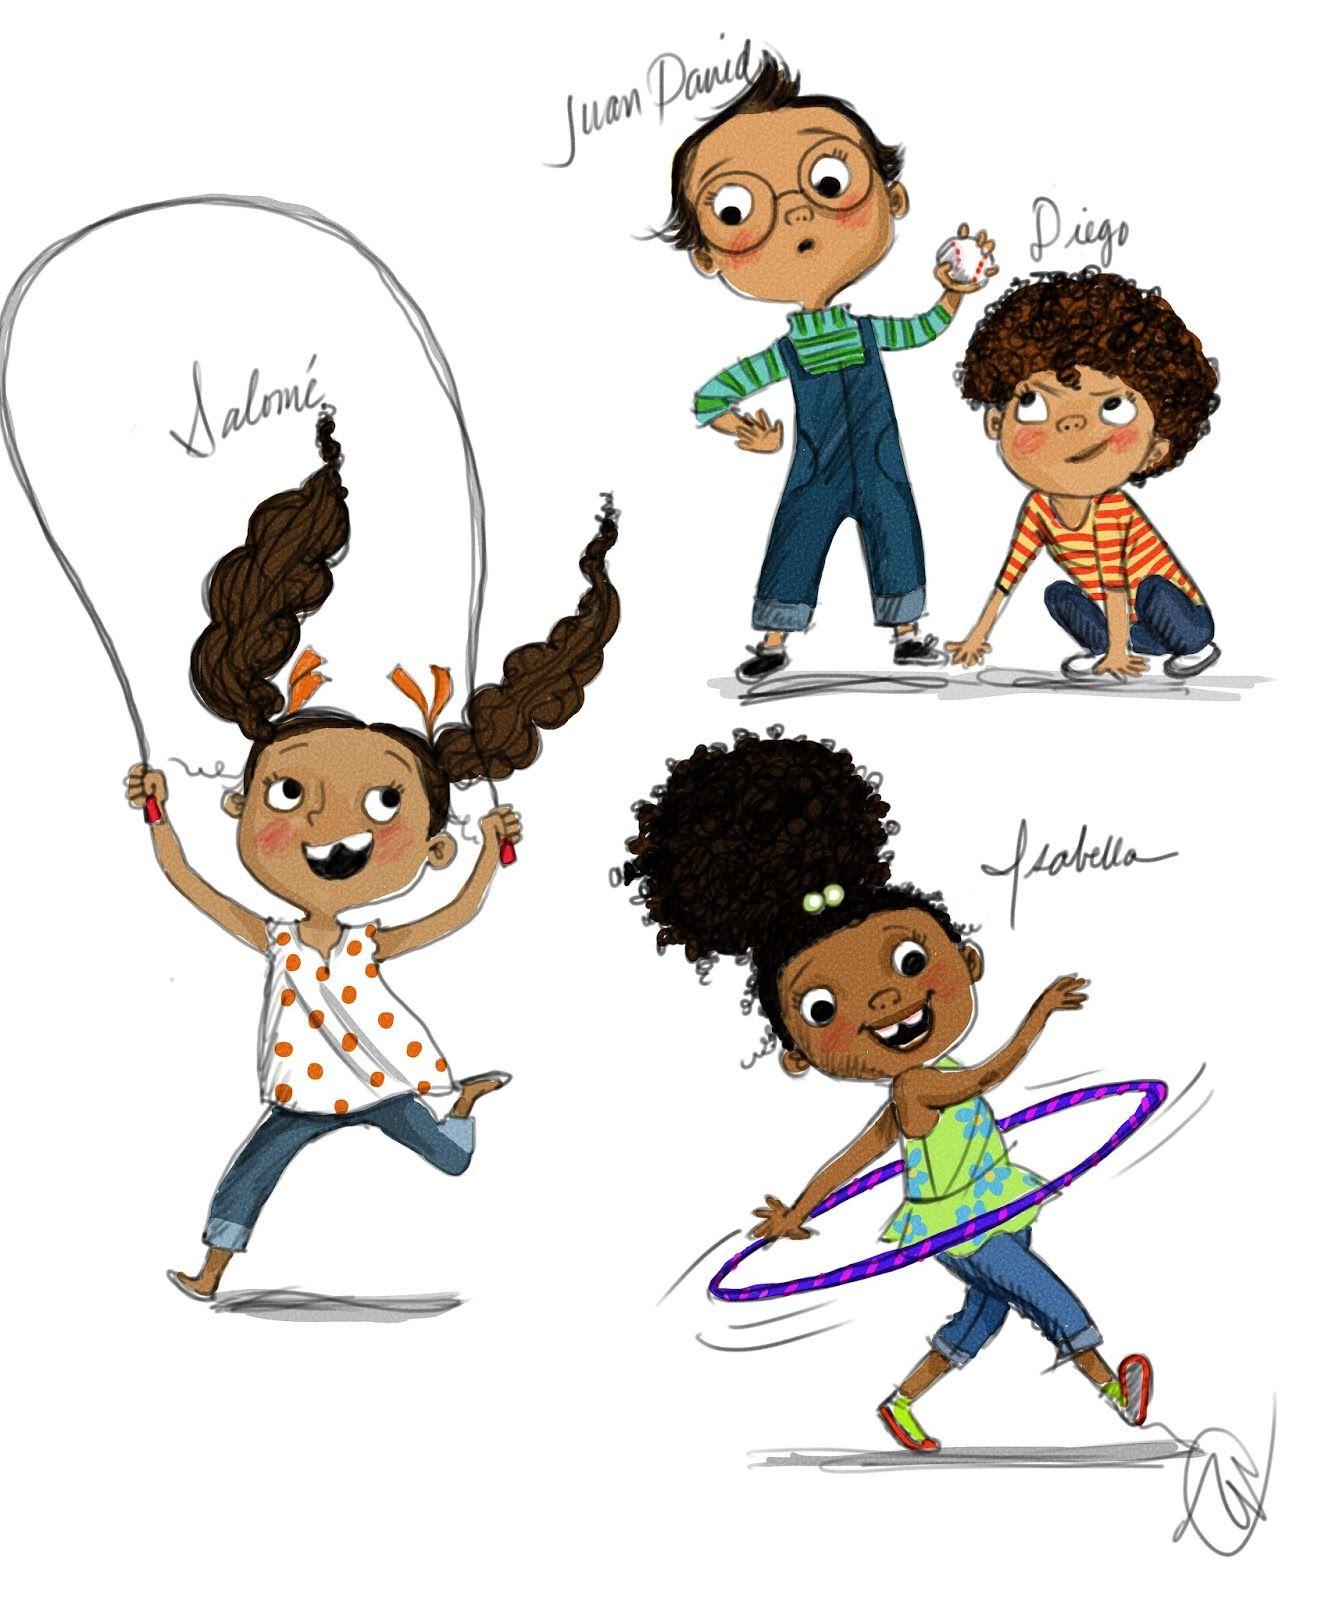 Ooh La La Design Studio Childrens Book Characters Book Illustration Art Character Design